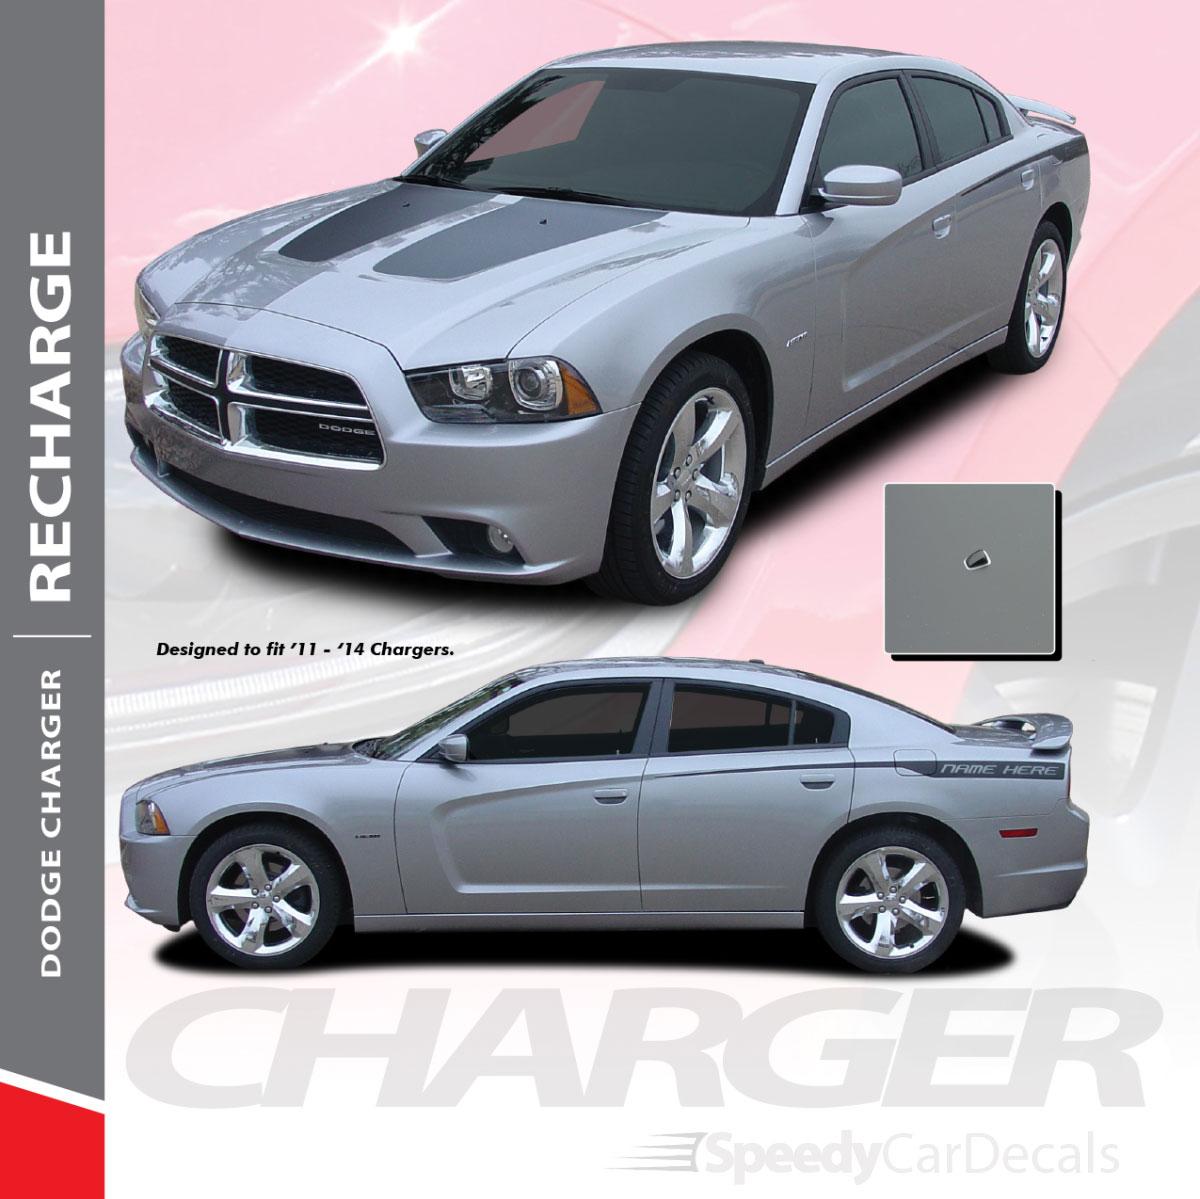 Vinyl Decal Wrap Kit for 2011-2014 Dodge Charger MODERN SIDE STRIPES Matte Black